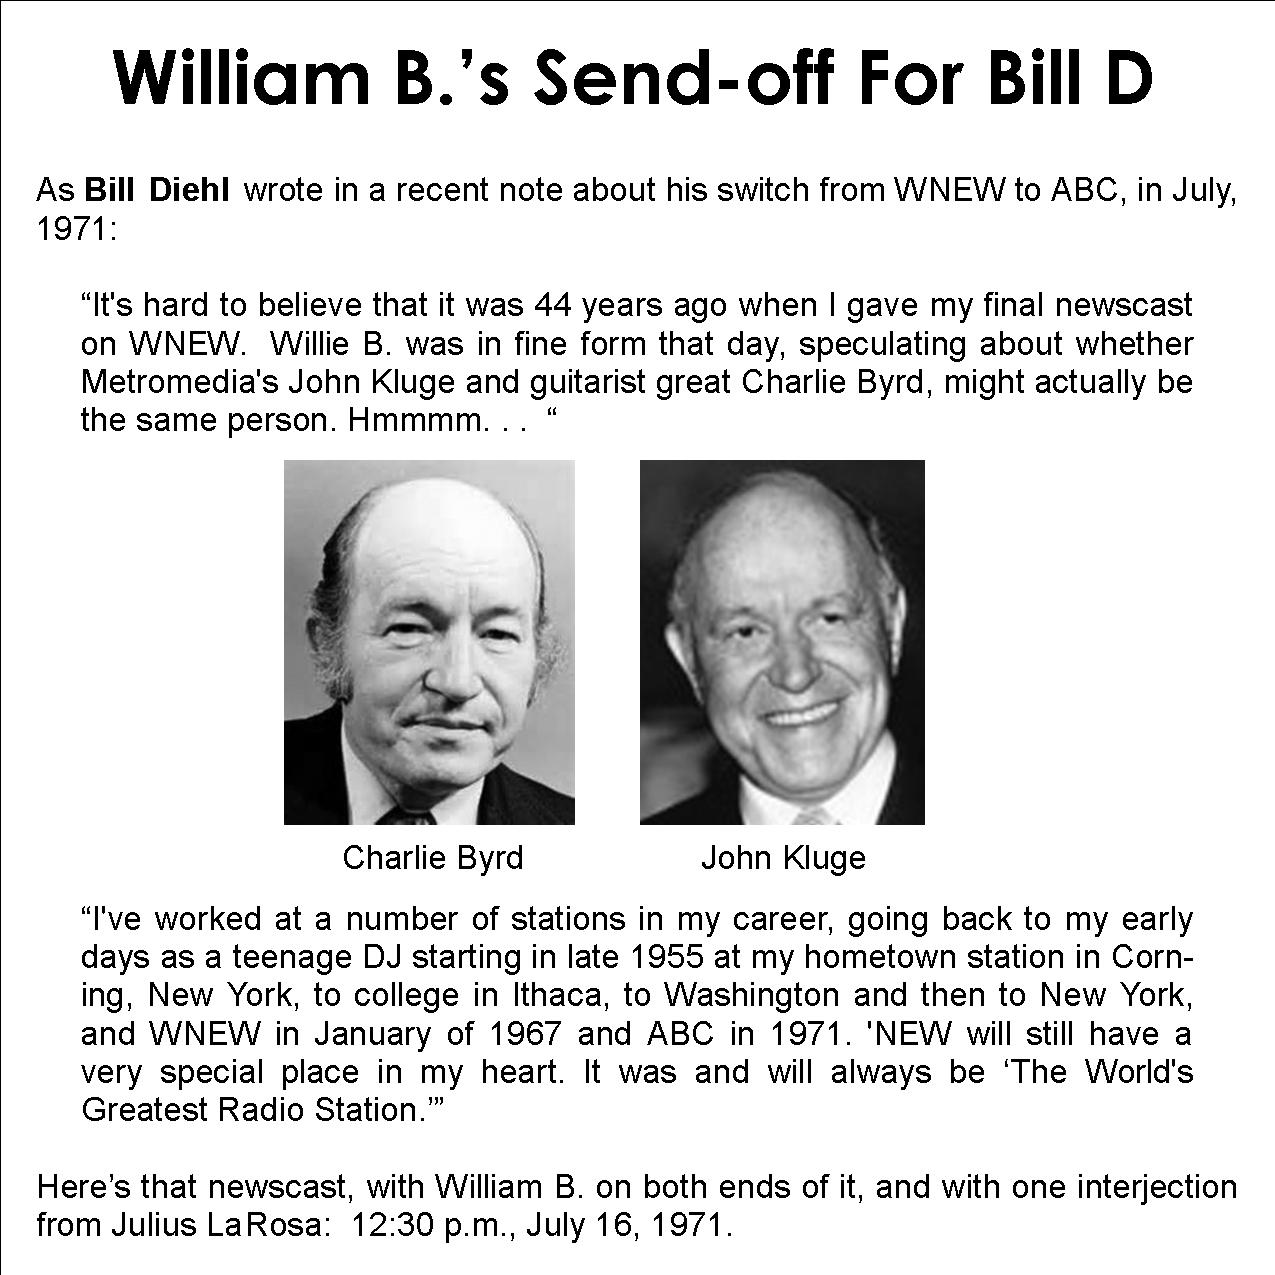 William B. and Bill Diehl-July 1971